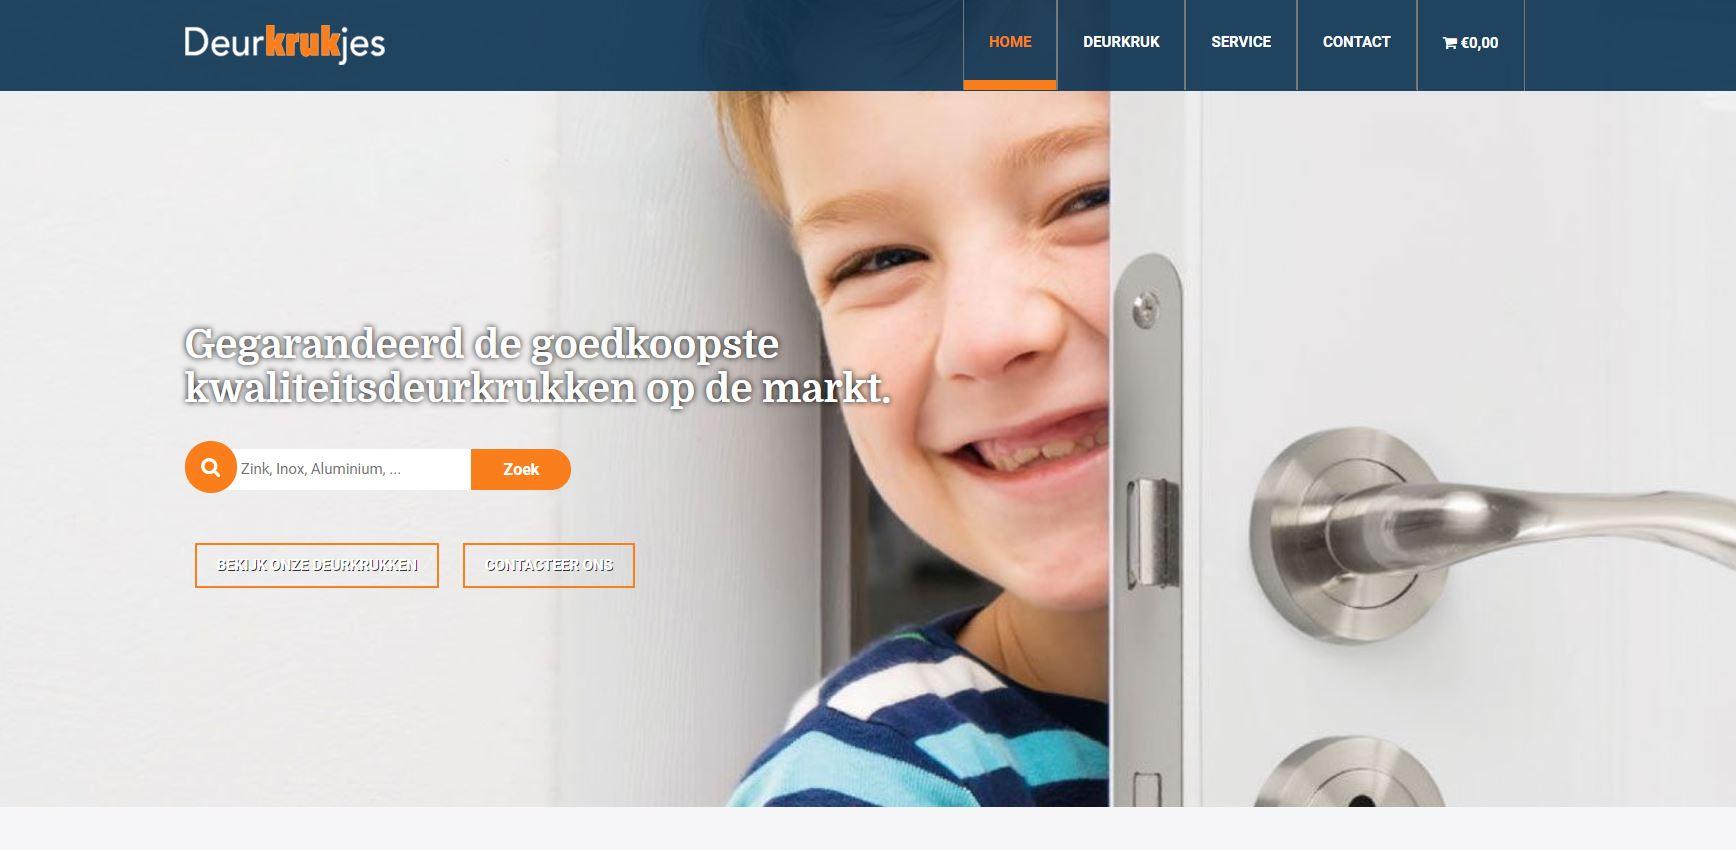 deurkruk online kopen bij deurkrukjes